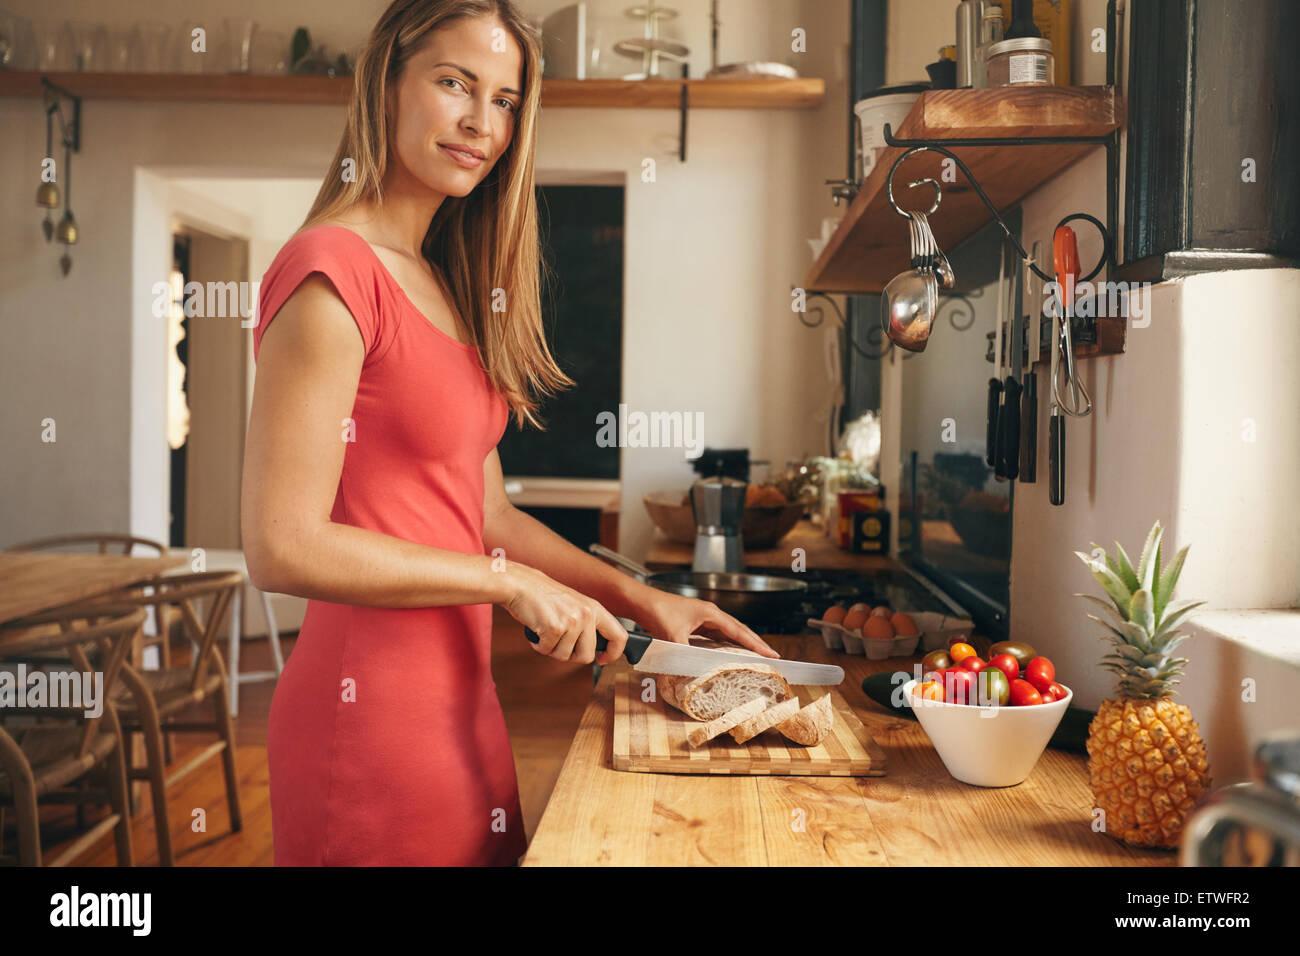 Belle jeune femme d'une des tranches de pain frais cuit dans une cuisine domestique. Caucasian woman looking Photo Stock